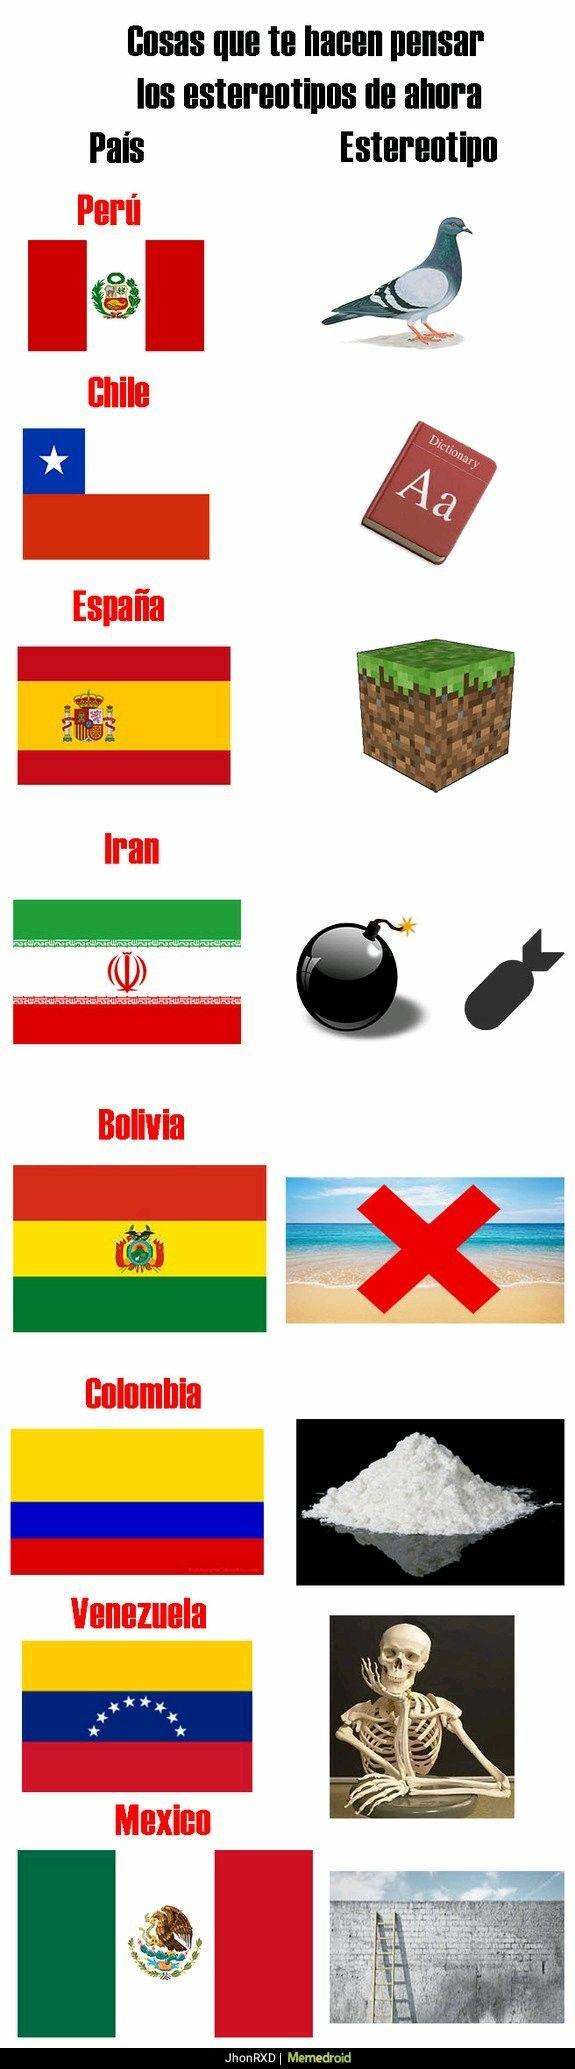 Jajaj Colombia y Paraguay tienen el mismo estéreotipo :v